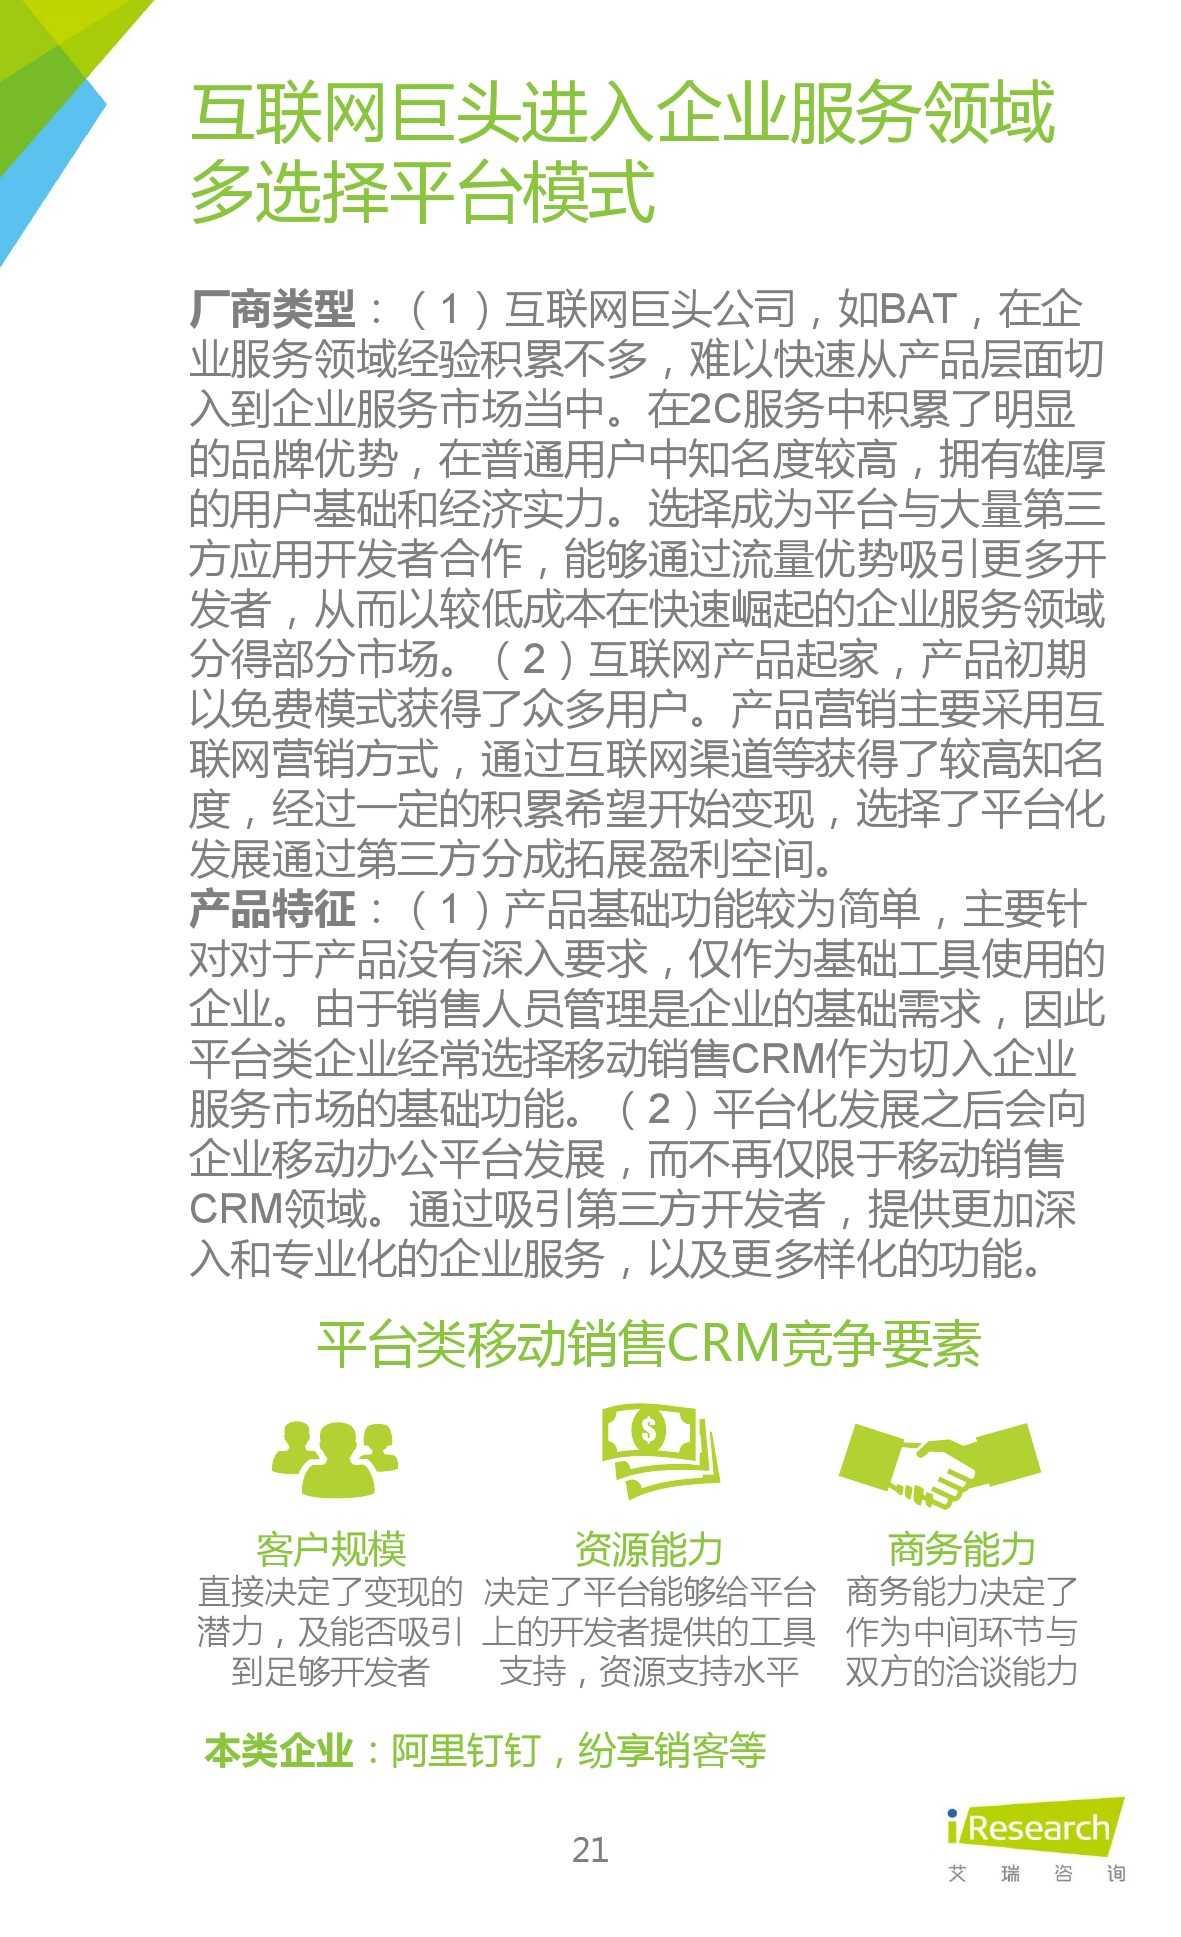 2015年中国移动销售CRM行业研究报告_000021